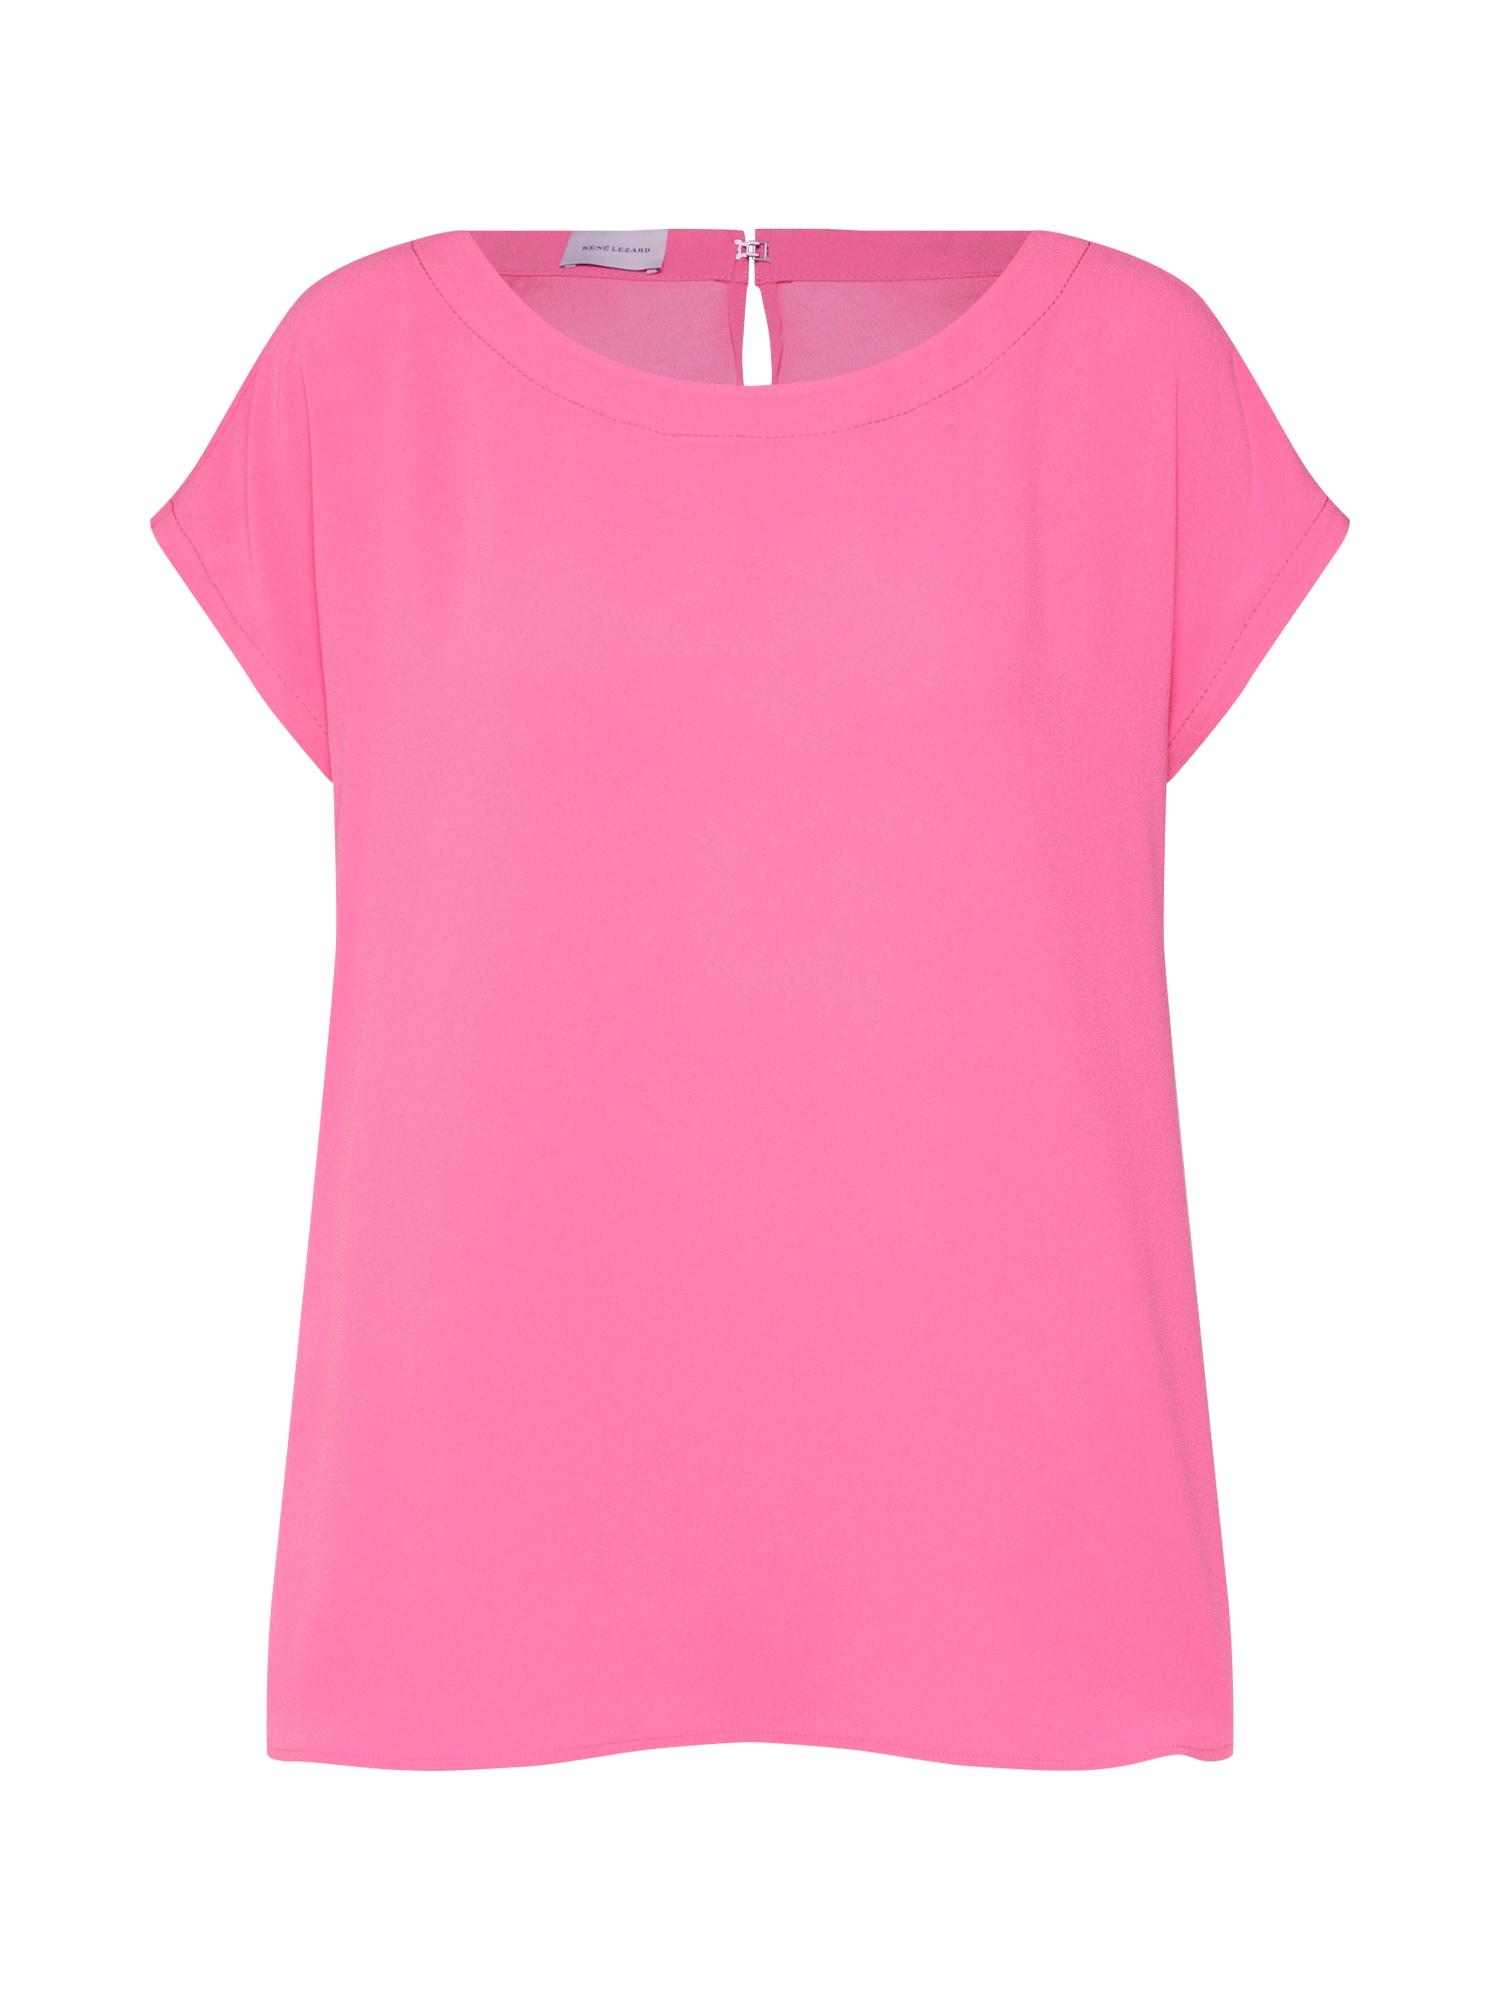 Halenka pink RENÉ LEZARD